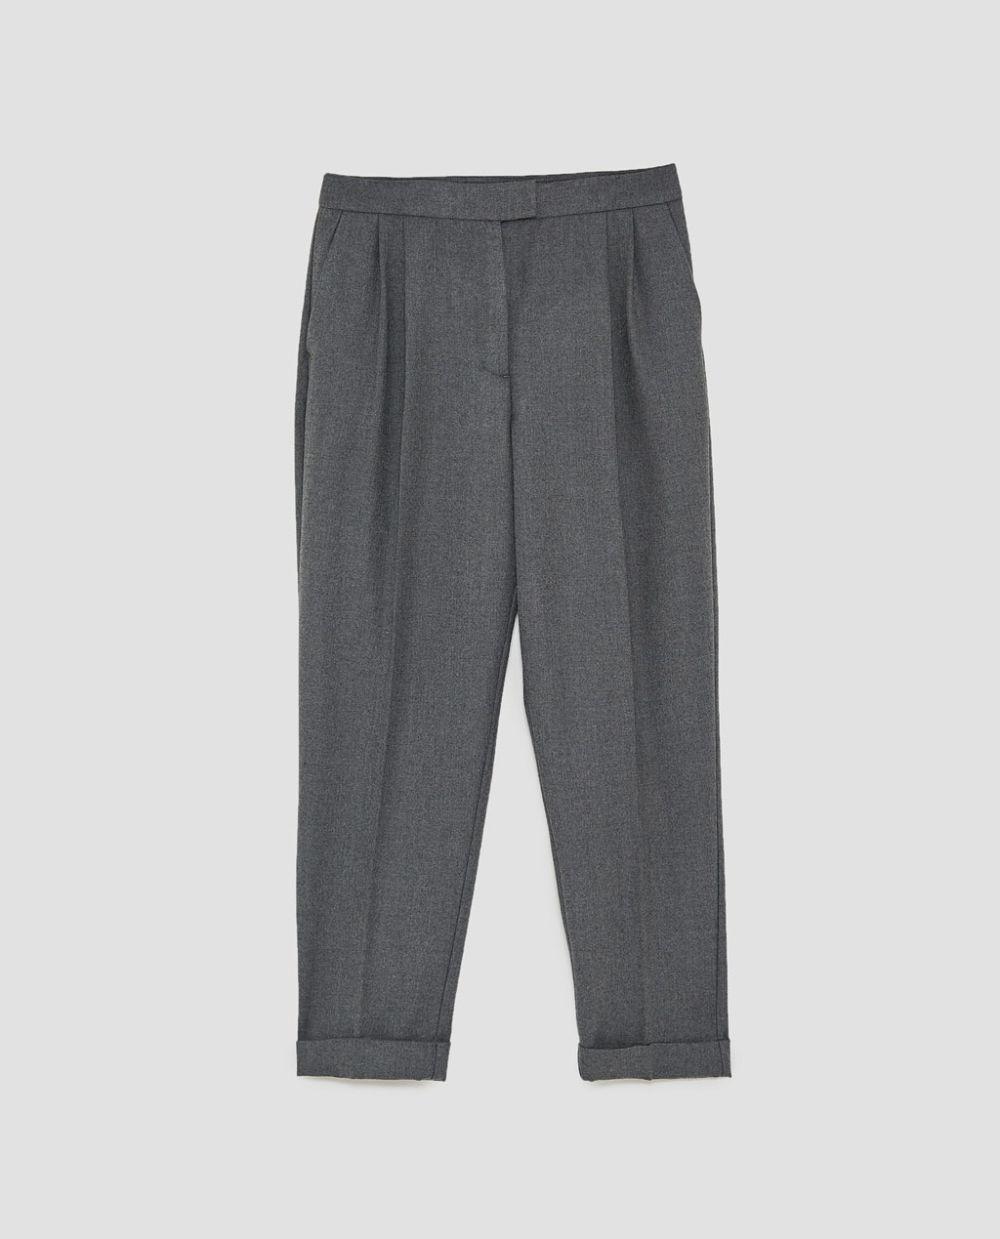 Pantalón de pinza gris de Zara (25,95 euros)